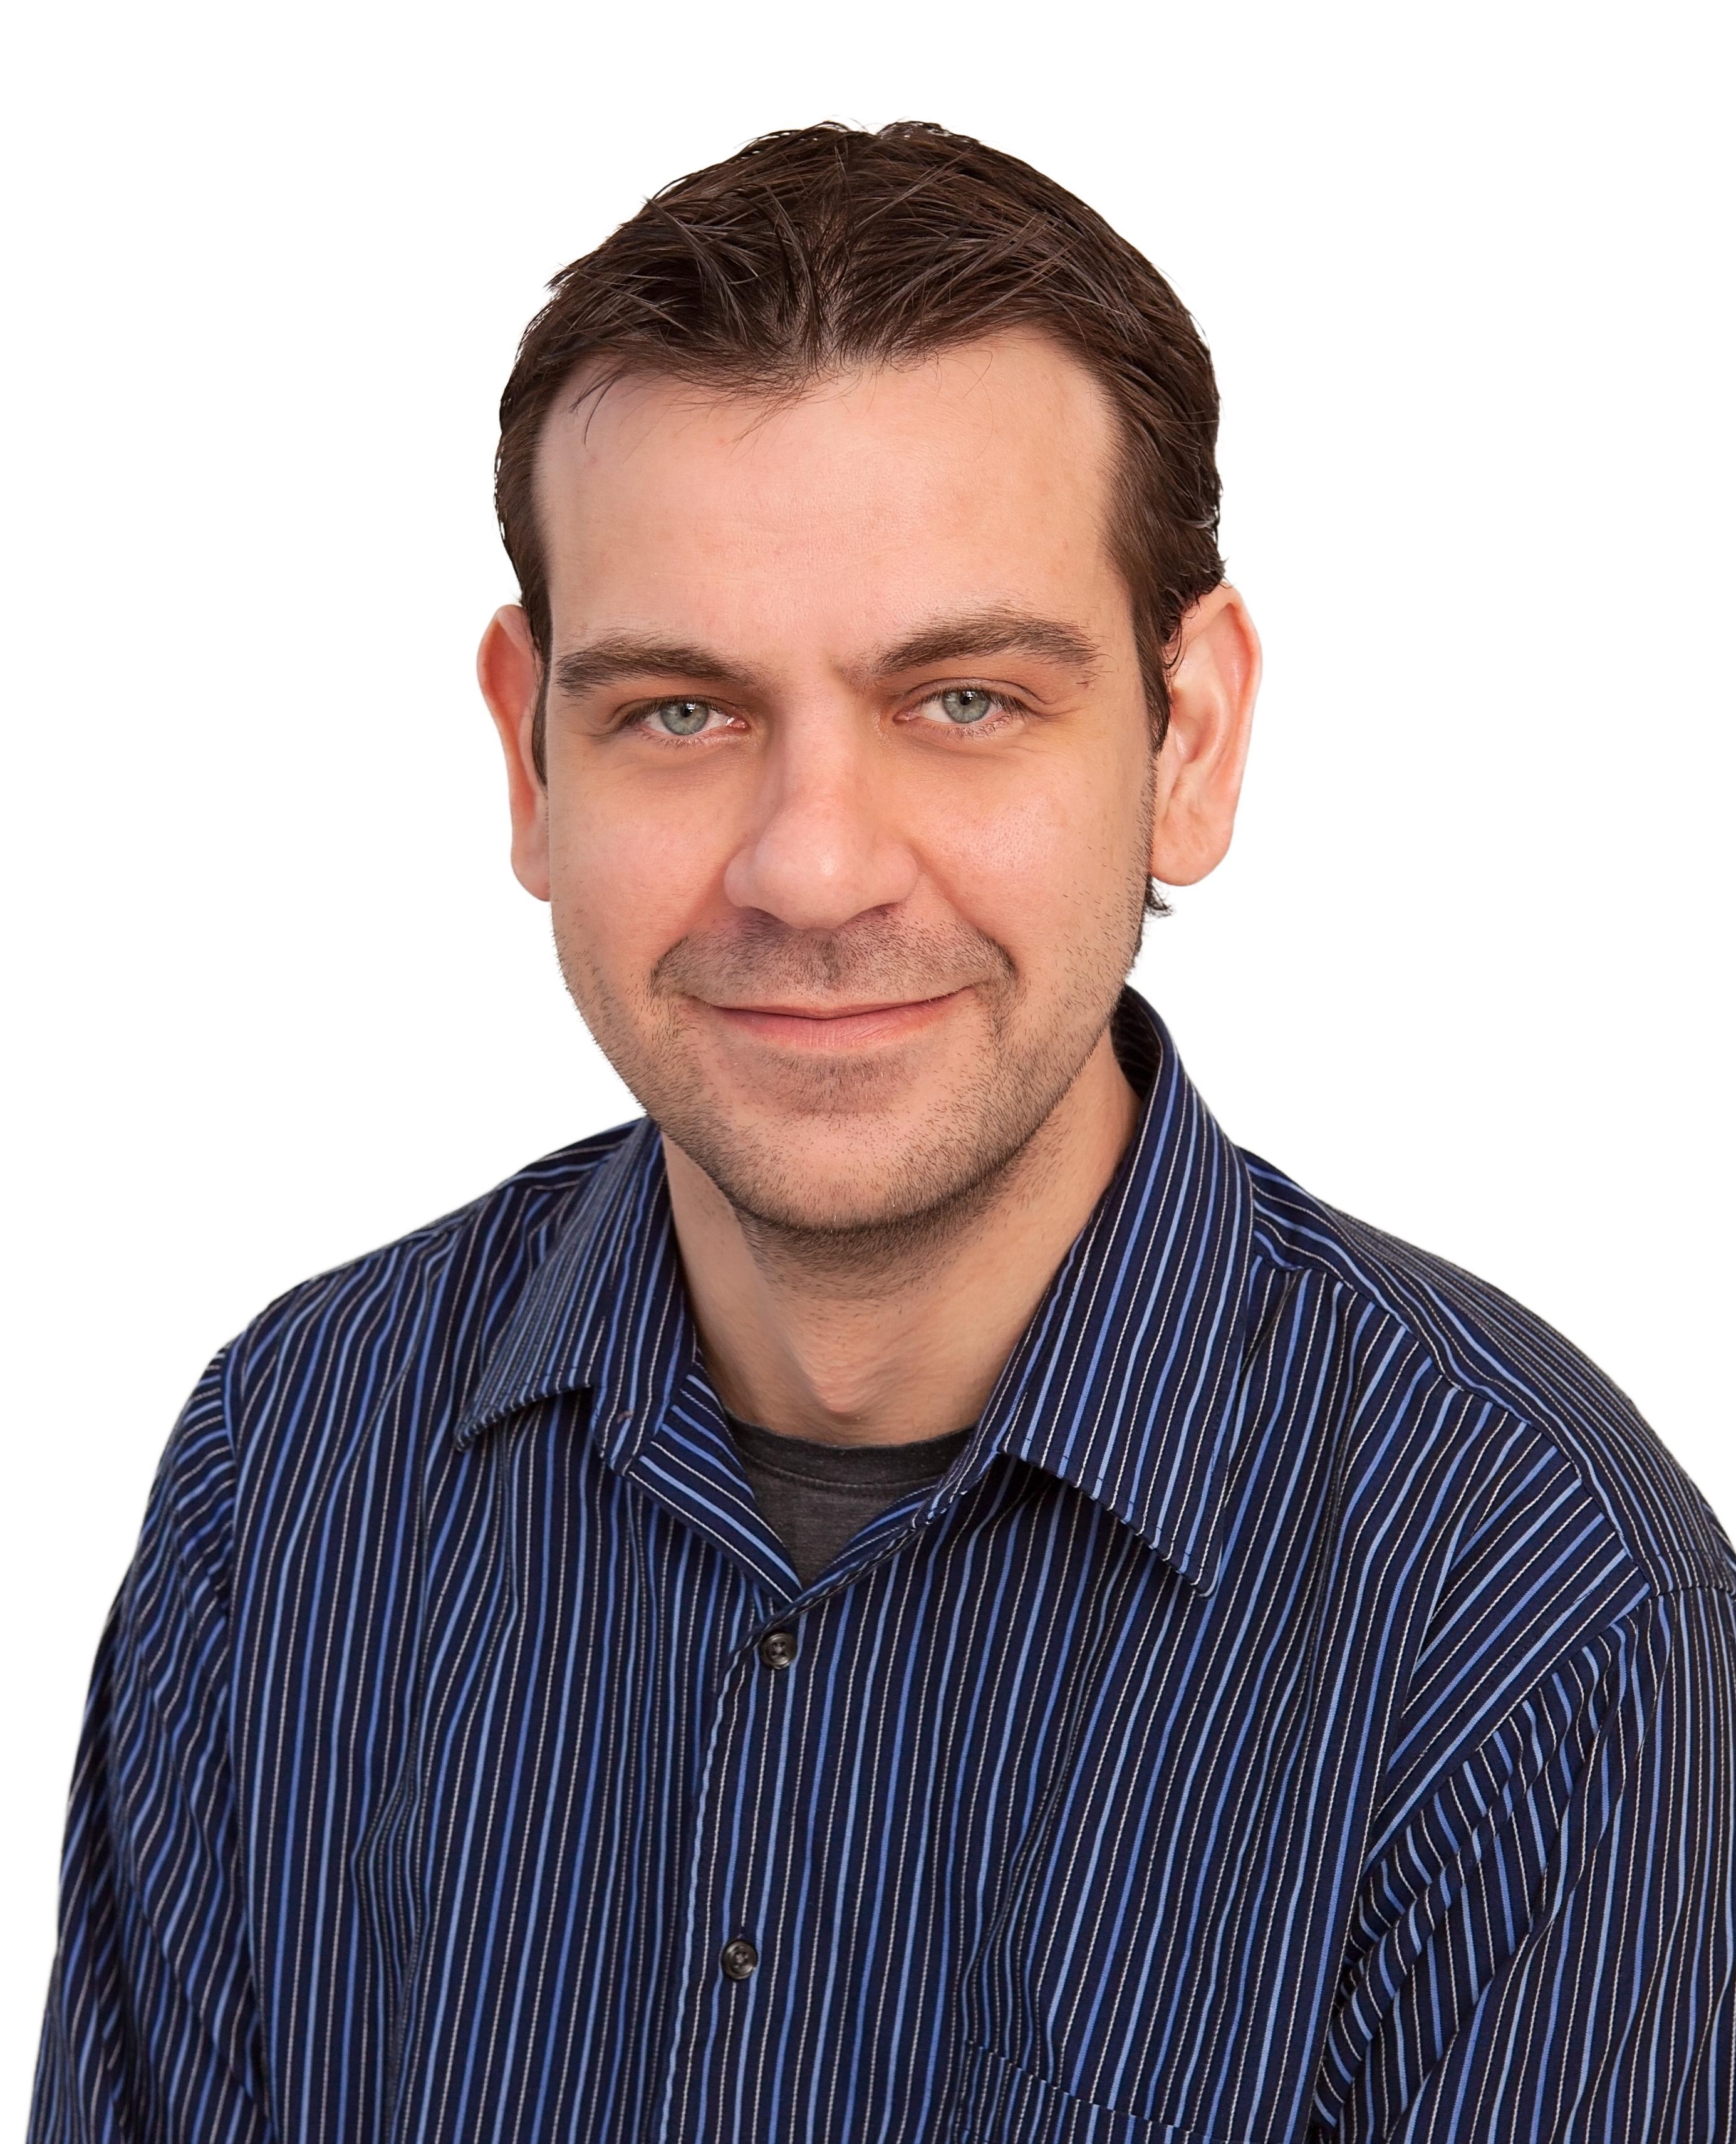 Tim Murzyn